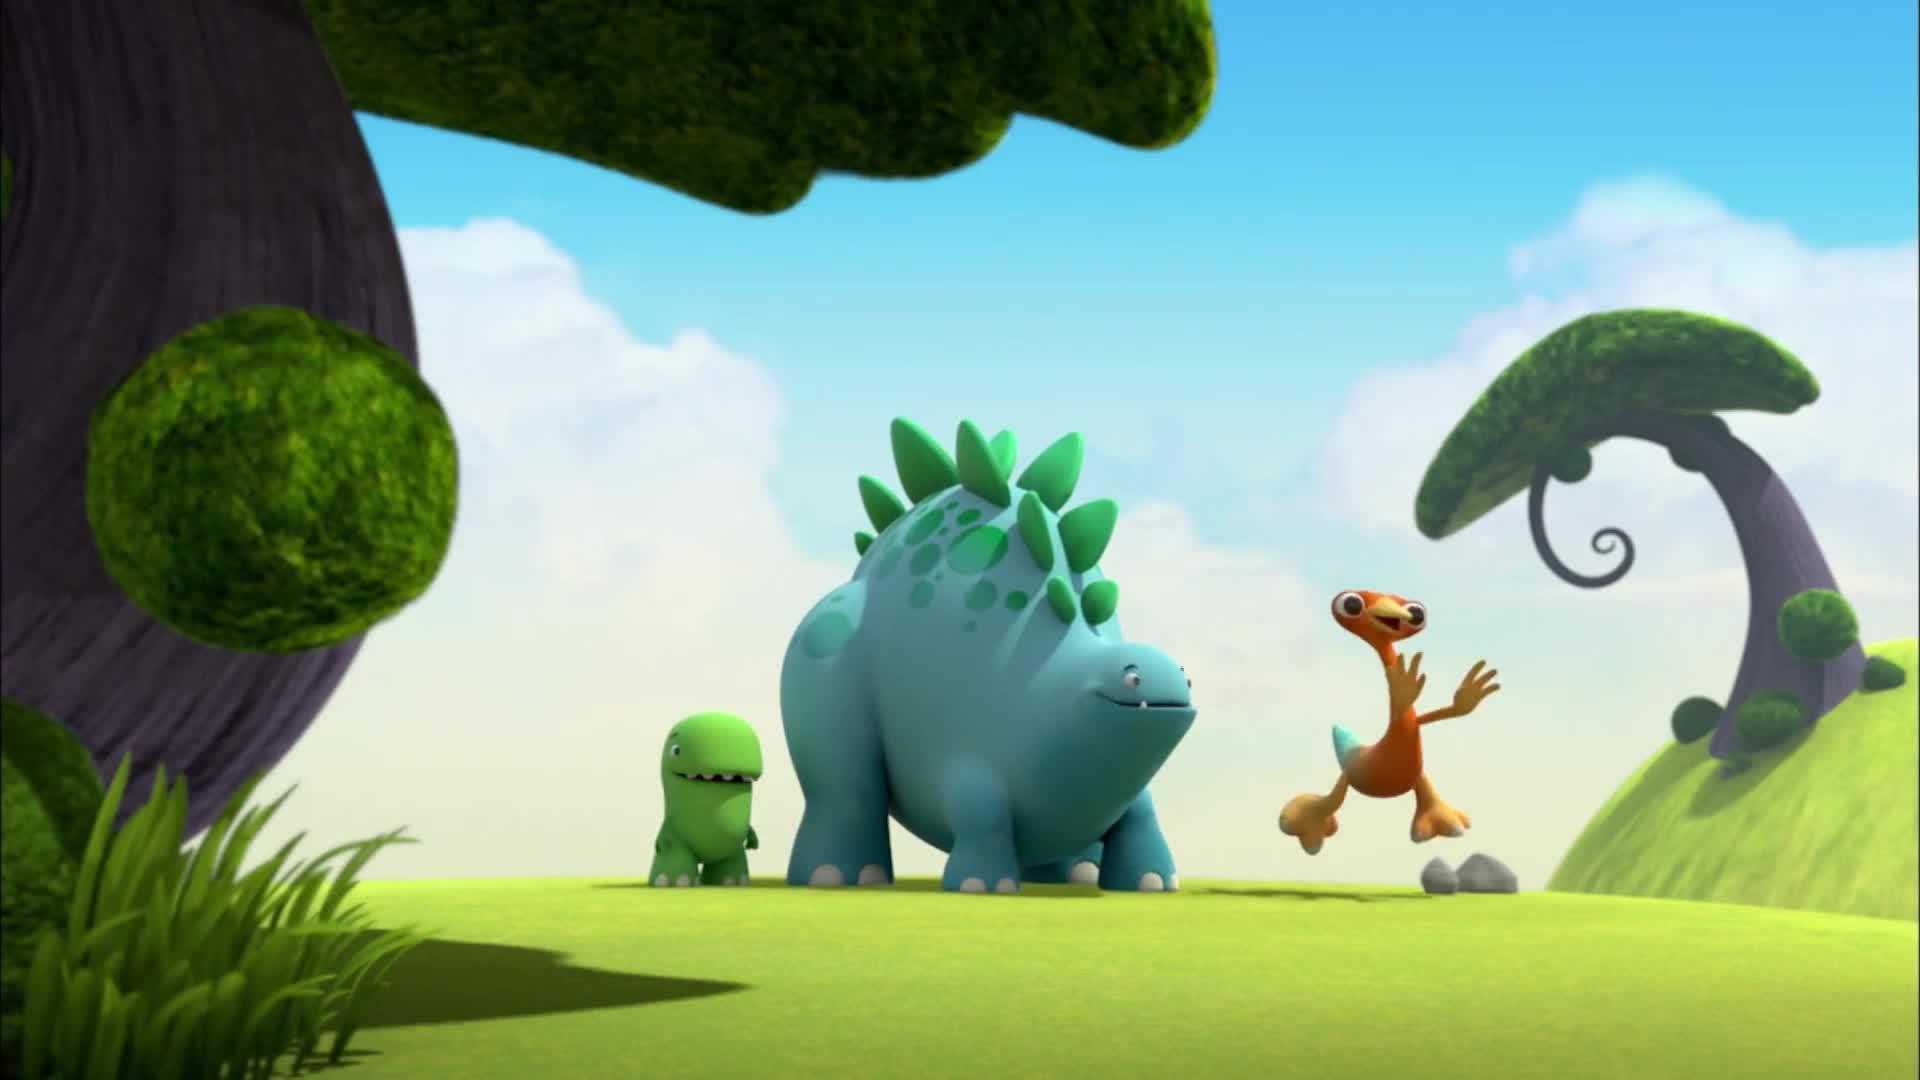 恐龙乐园:恐龙们发现个好地方,这个山谷有回声,大家可以玩啦